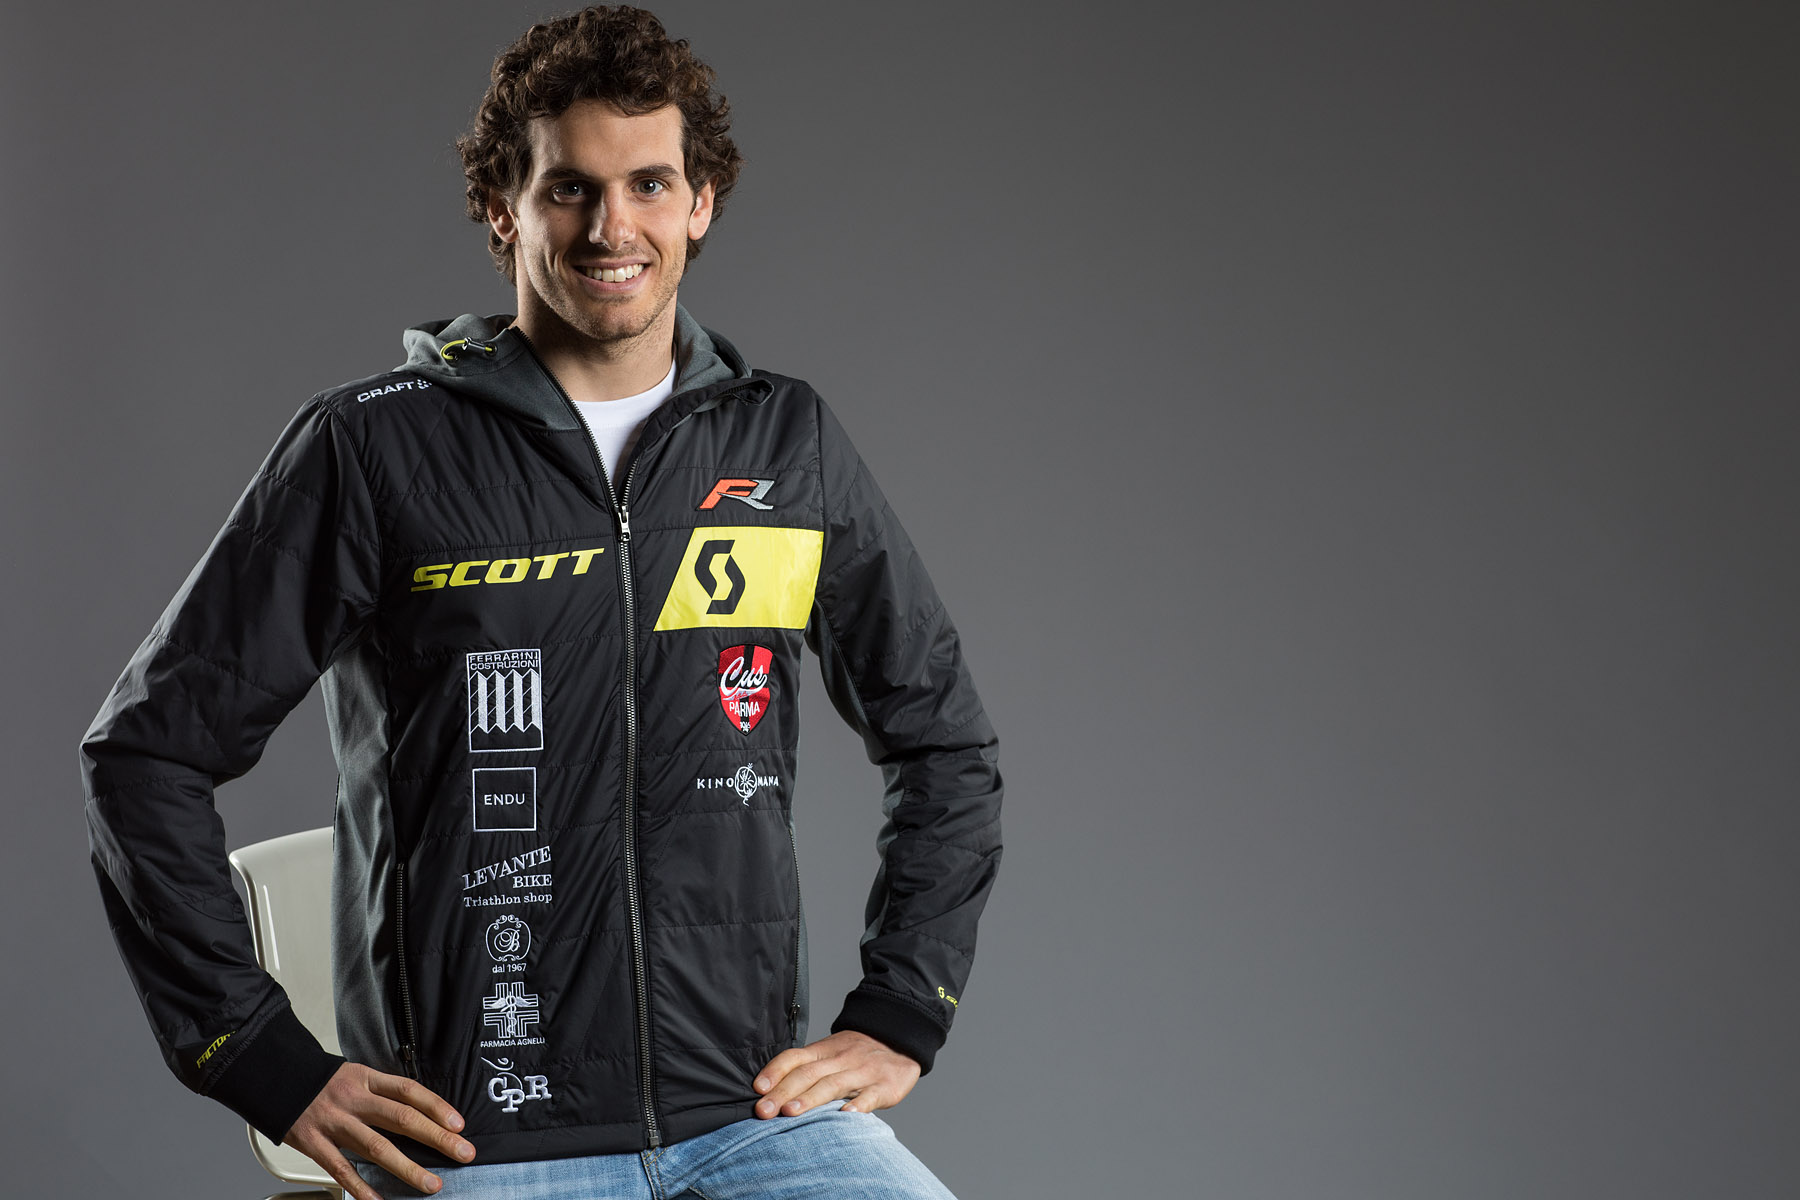 Filippo Rinaldi chiude in bellezza la stagione: quarto assoluto ai Campionati Europei di Triathlon Cross